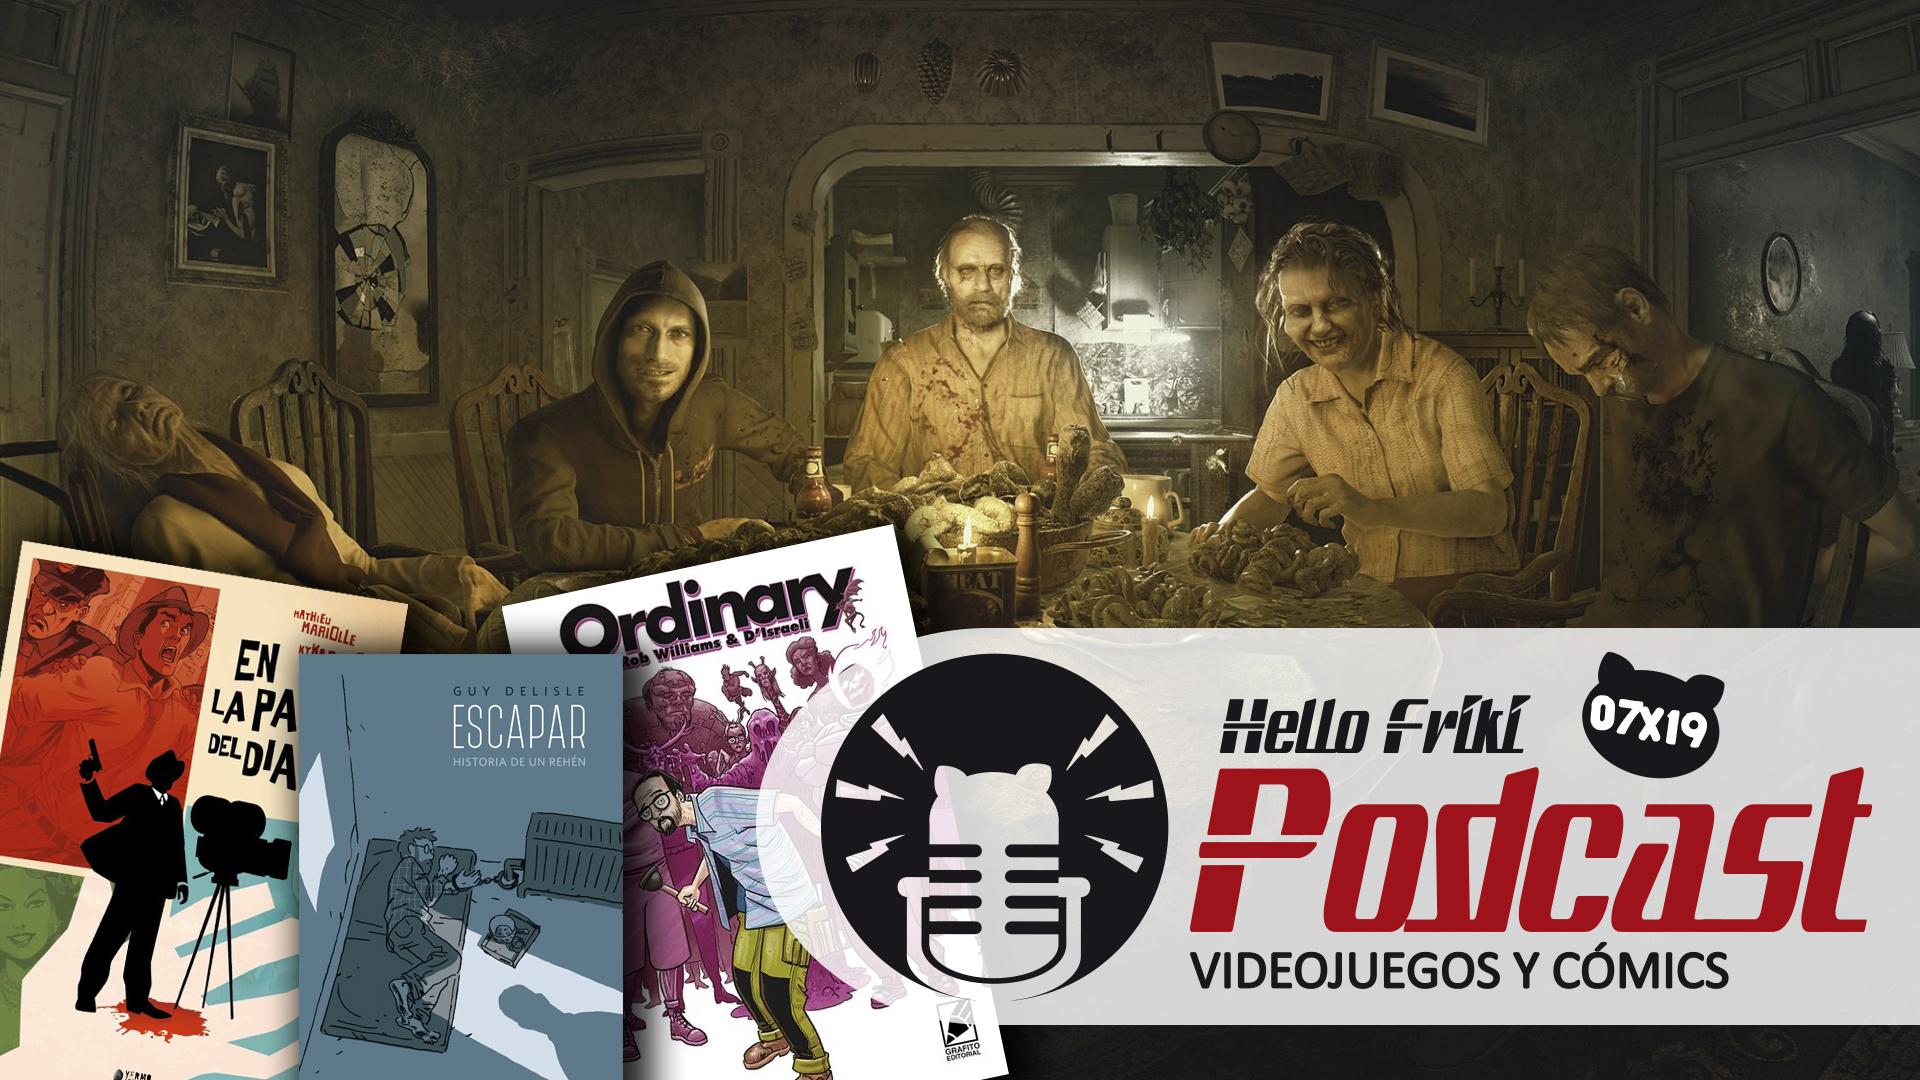 HF 7x19 Videojuegos y Cómics: Resident Evil VII, malos rollos entre autores de cómic...